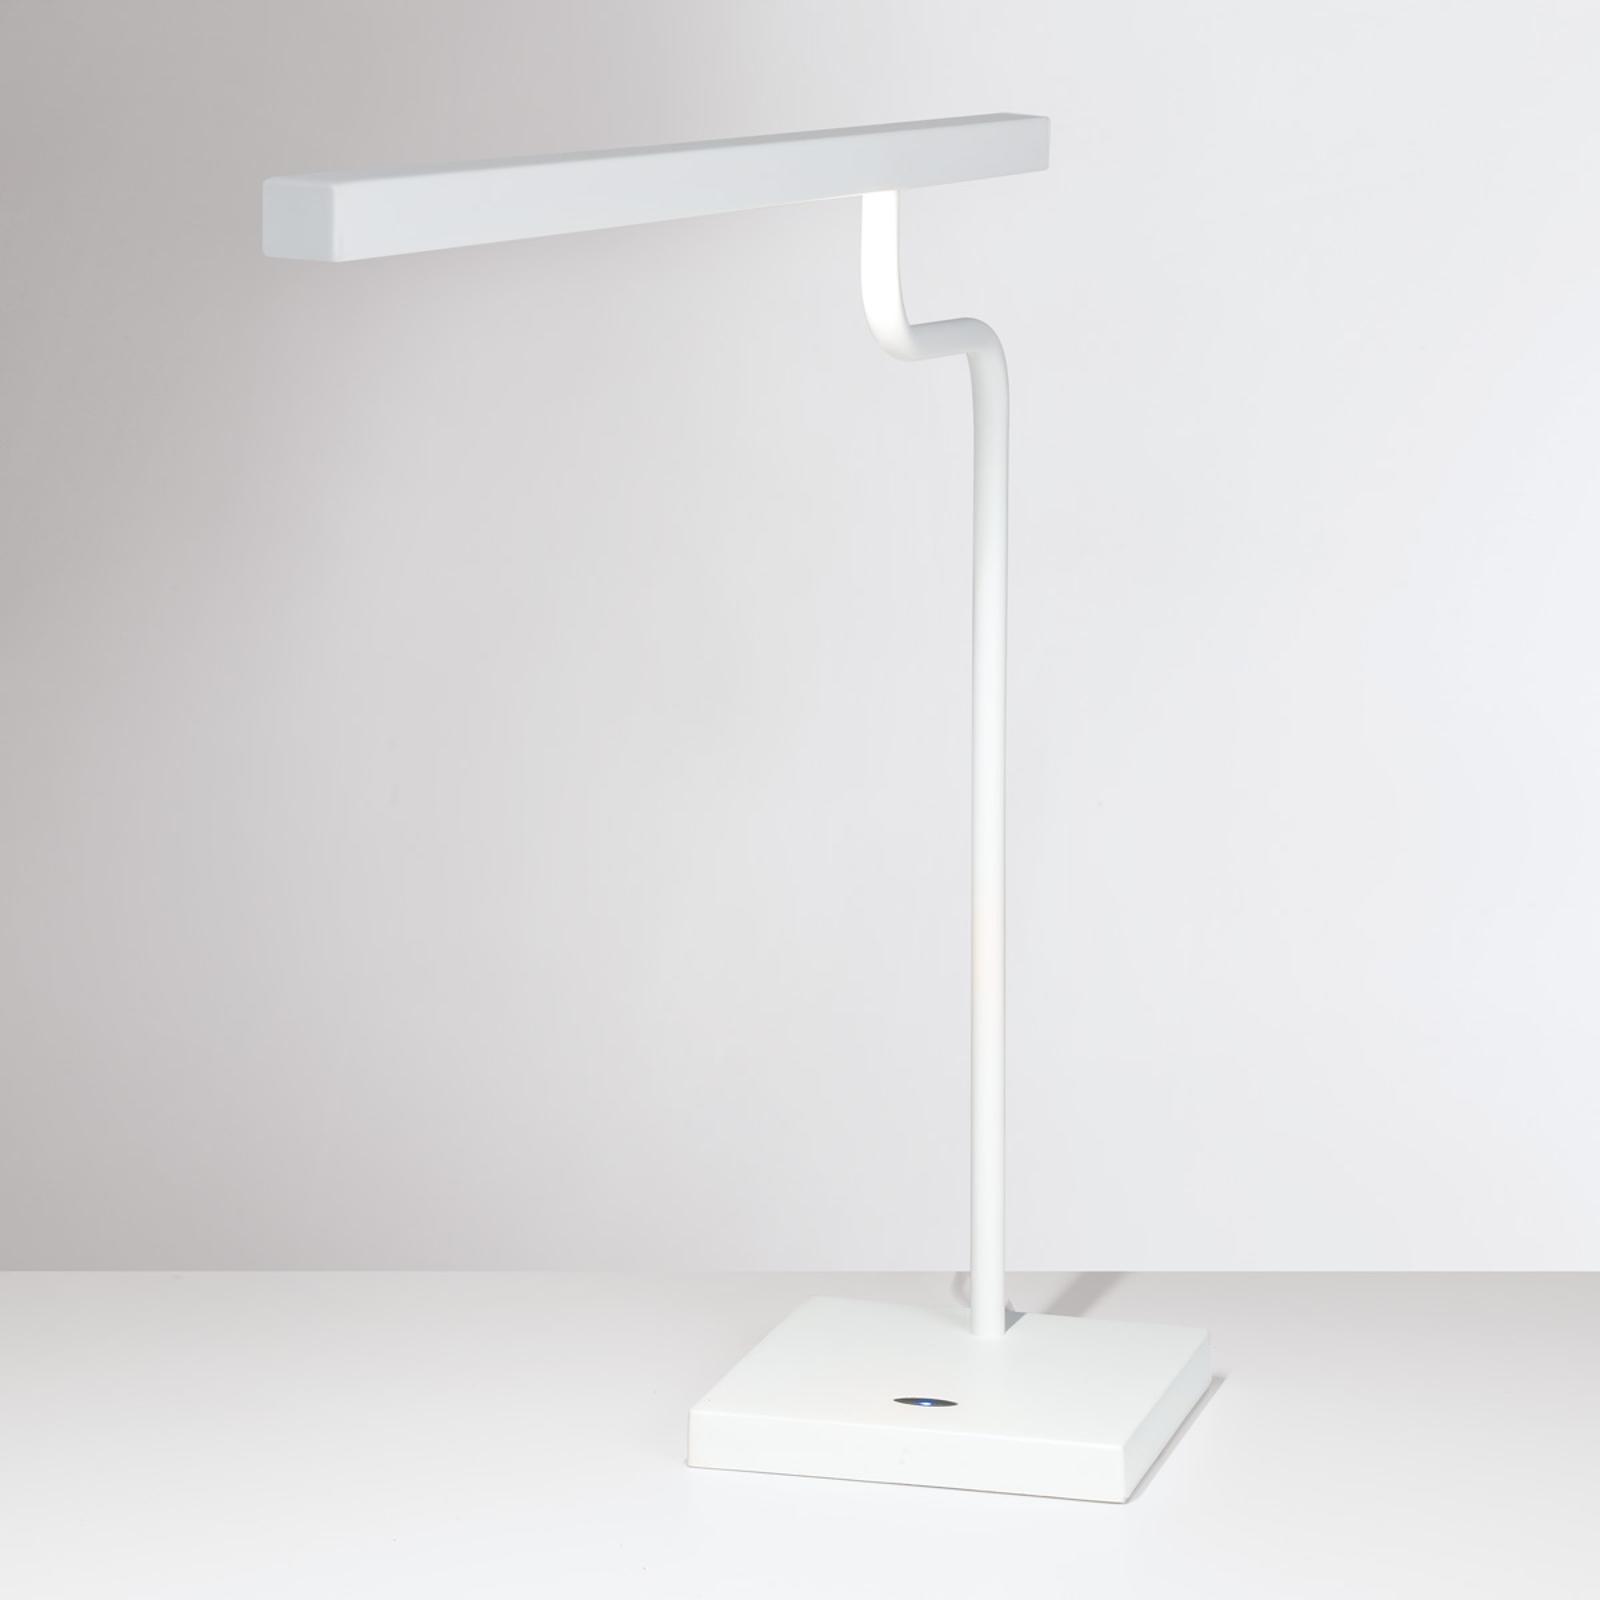 Valkoinen LED-työpöytälamppu MicroStick